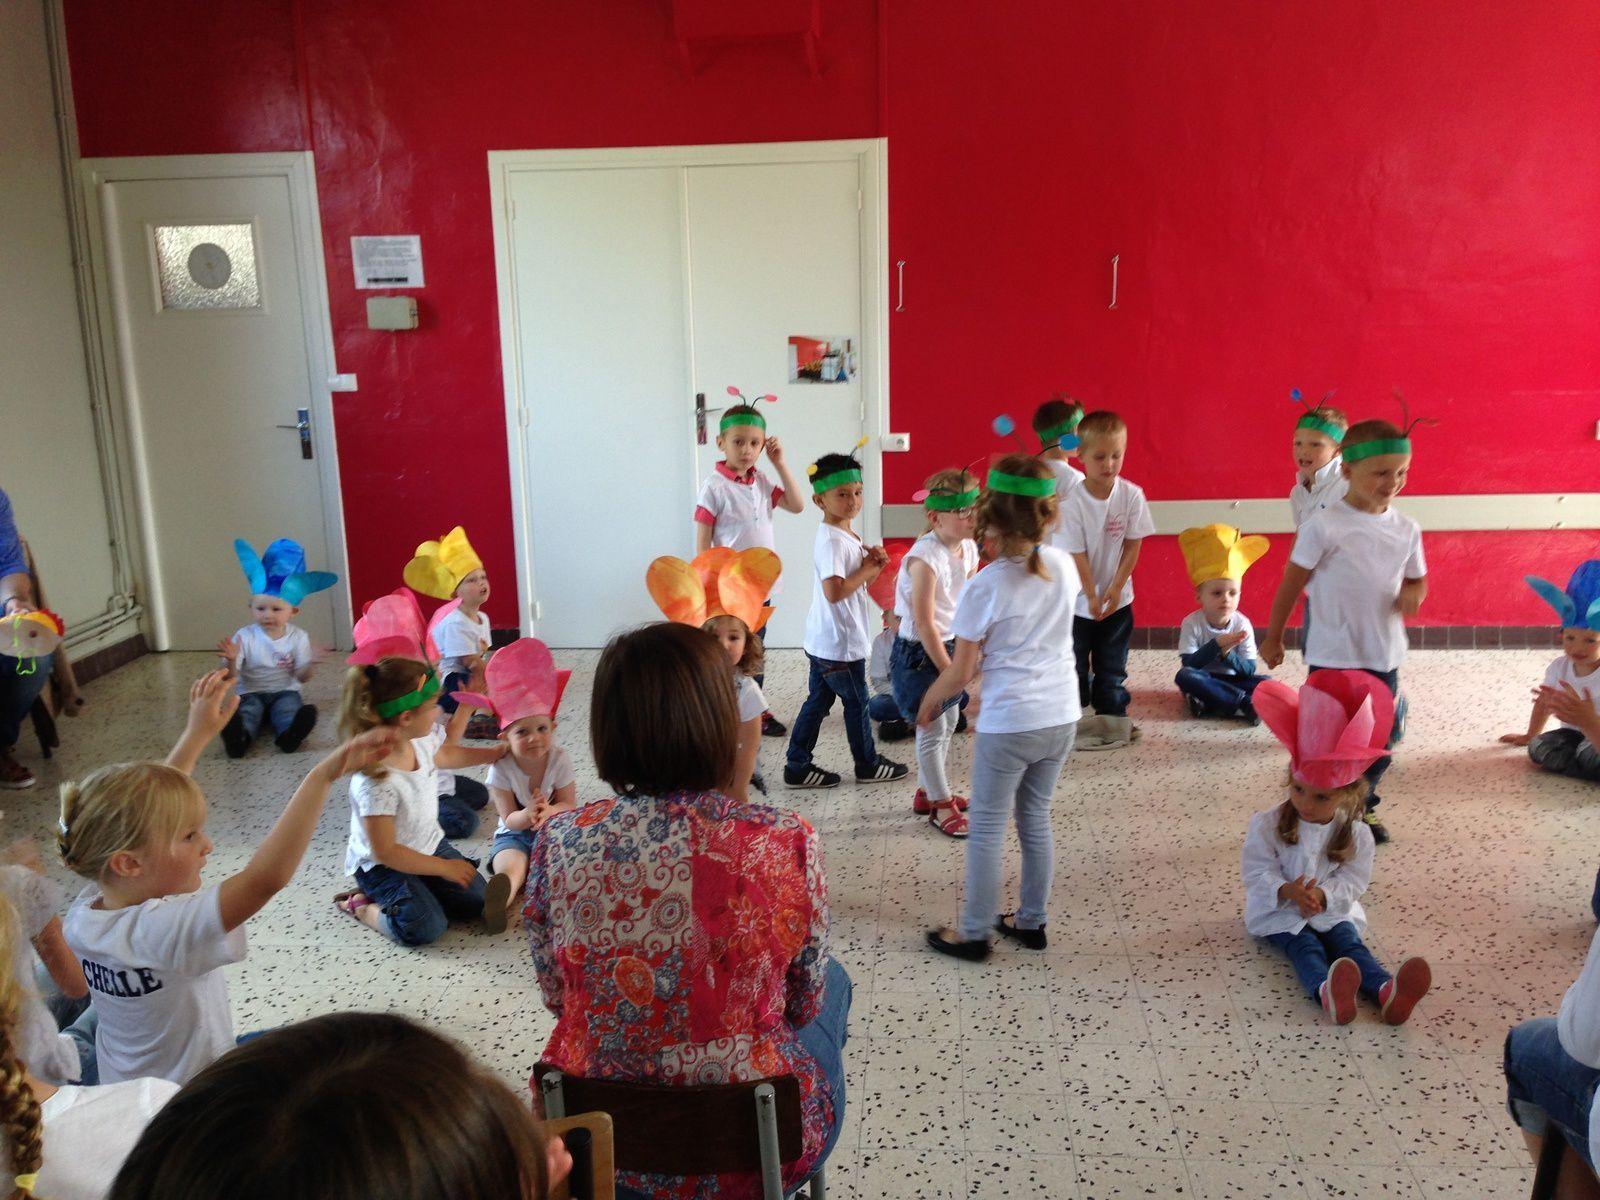 Steene : kermesse de l'école Emile Zola, West-Cappel : fête annuelle de notre école, Hoymille : remise des diplômes de notre Ecole Intercommunale de Musique (EIM)